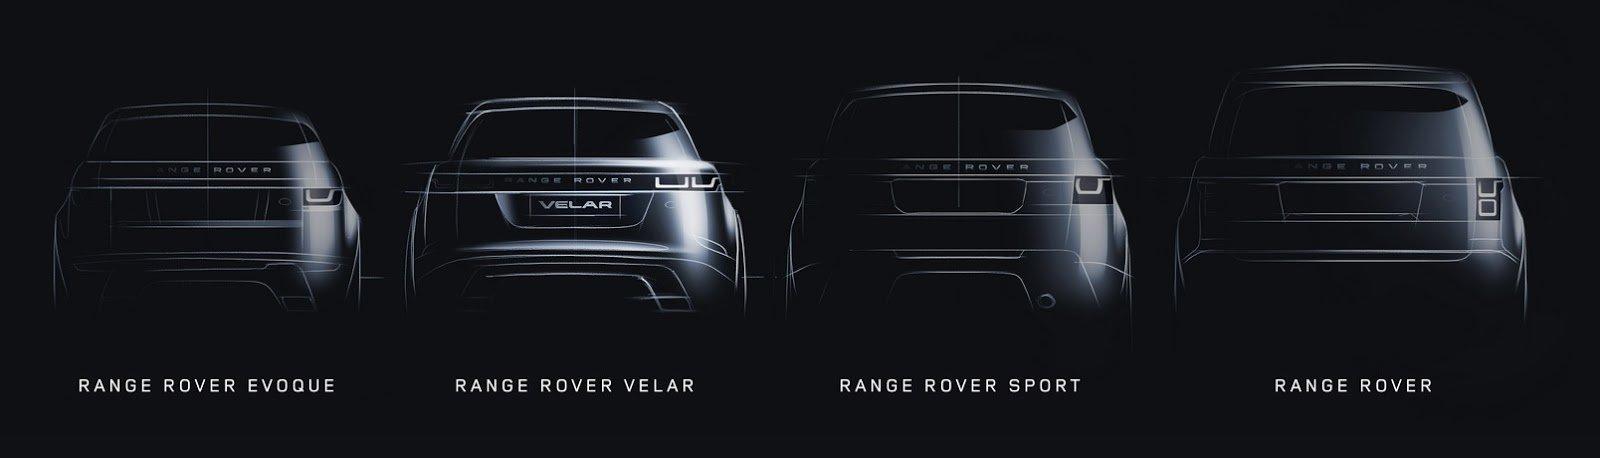 range-rover-velar-23-02-2017 (2)